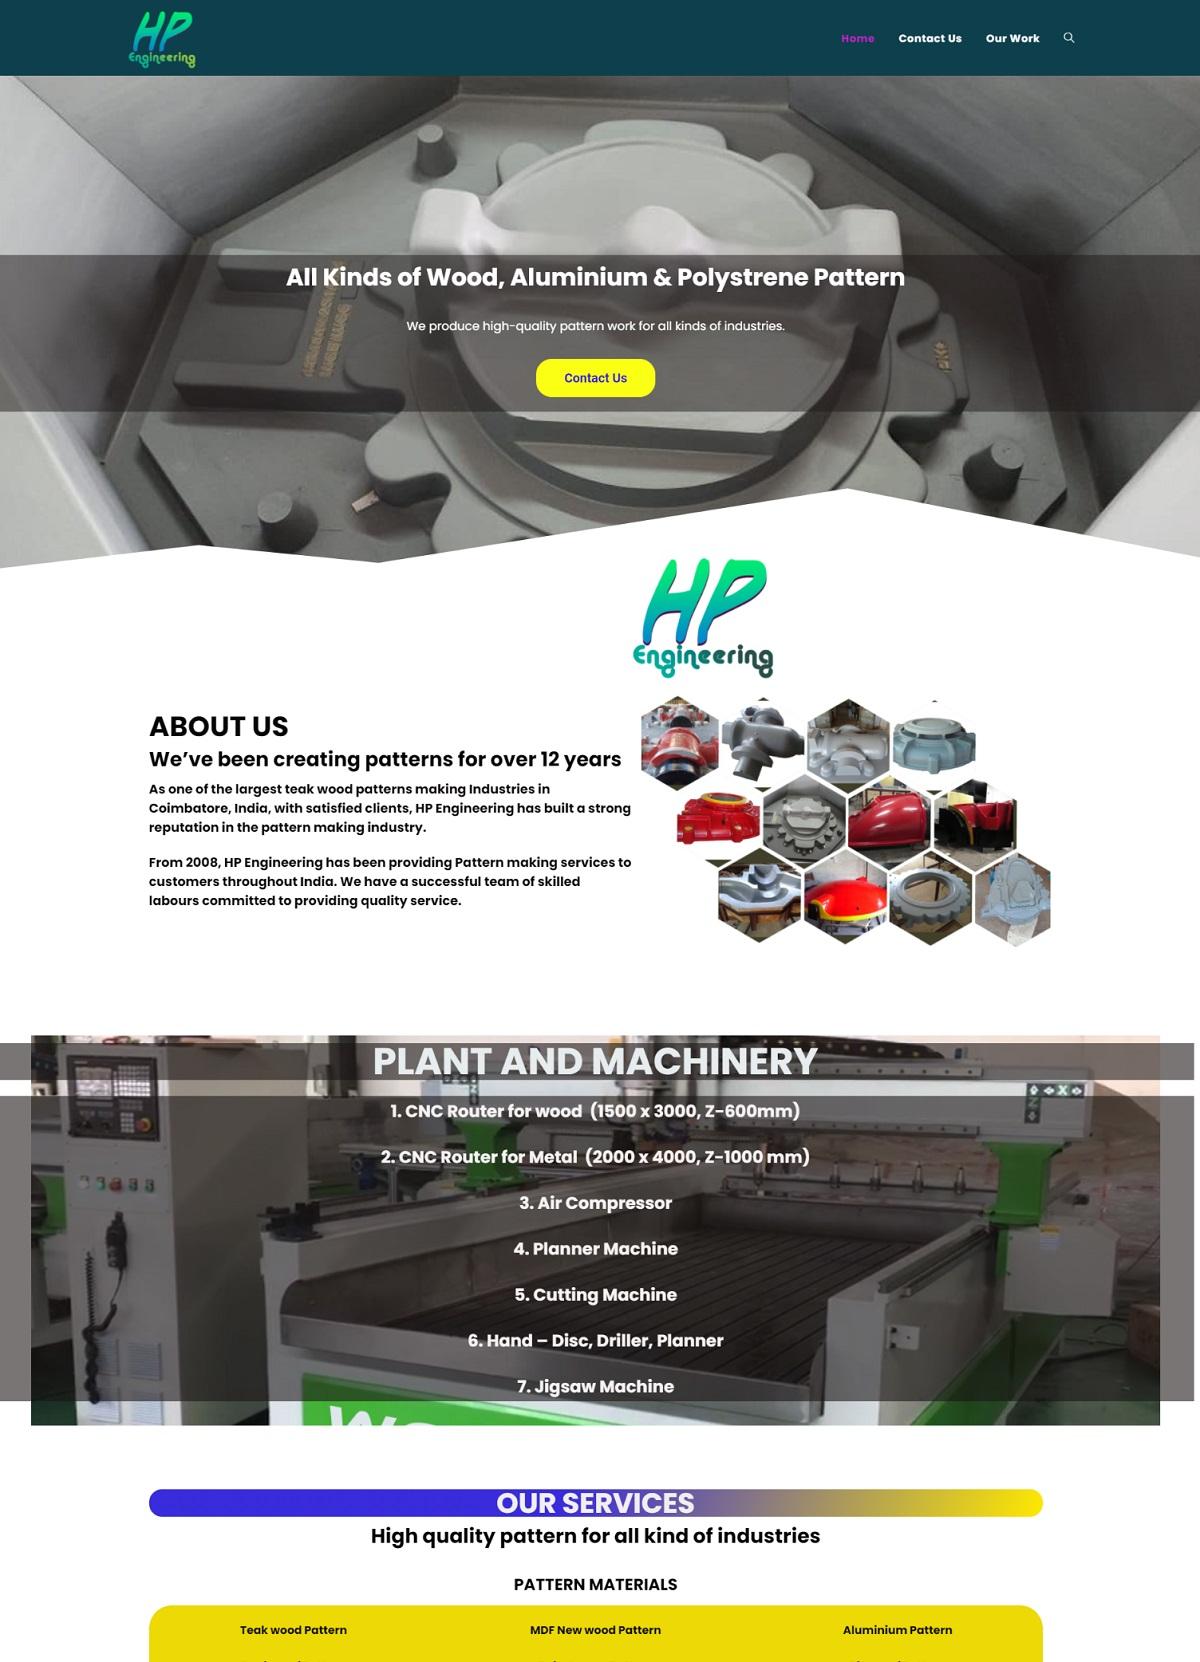 HP Engineering